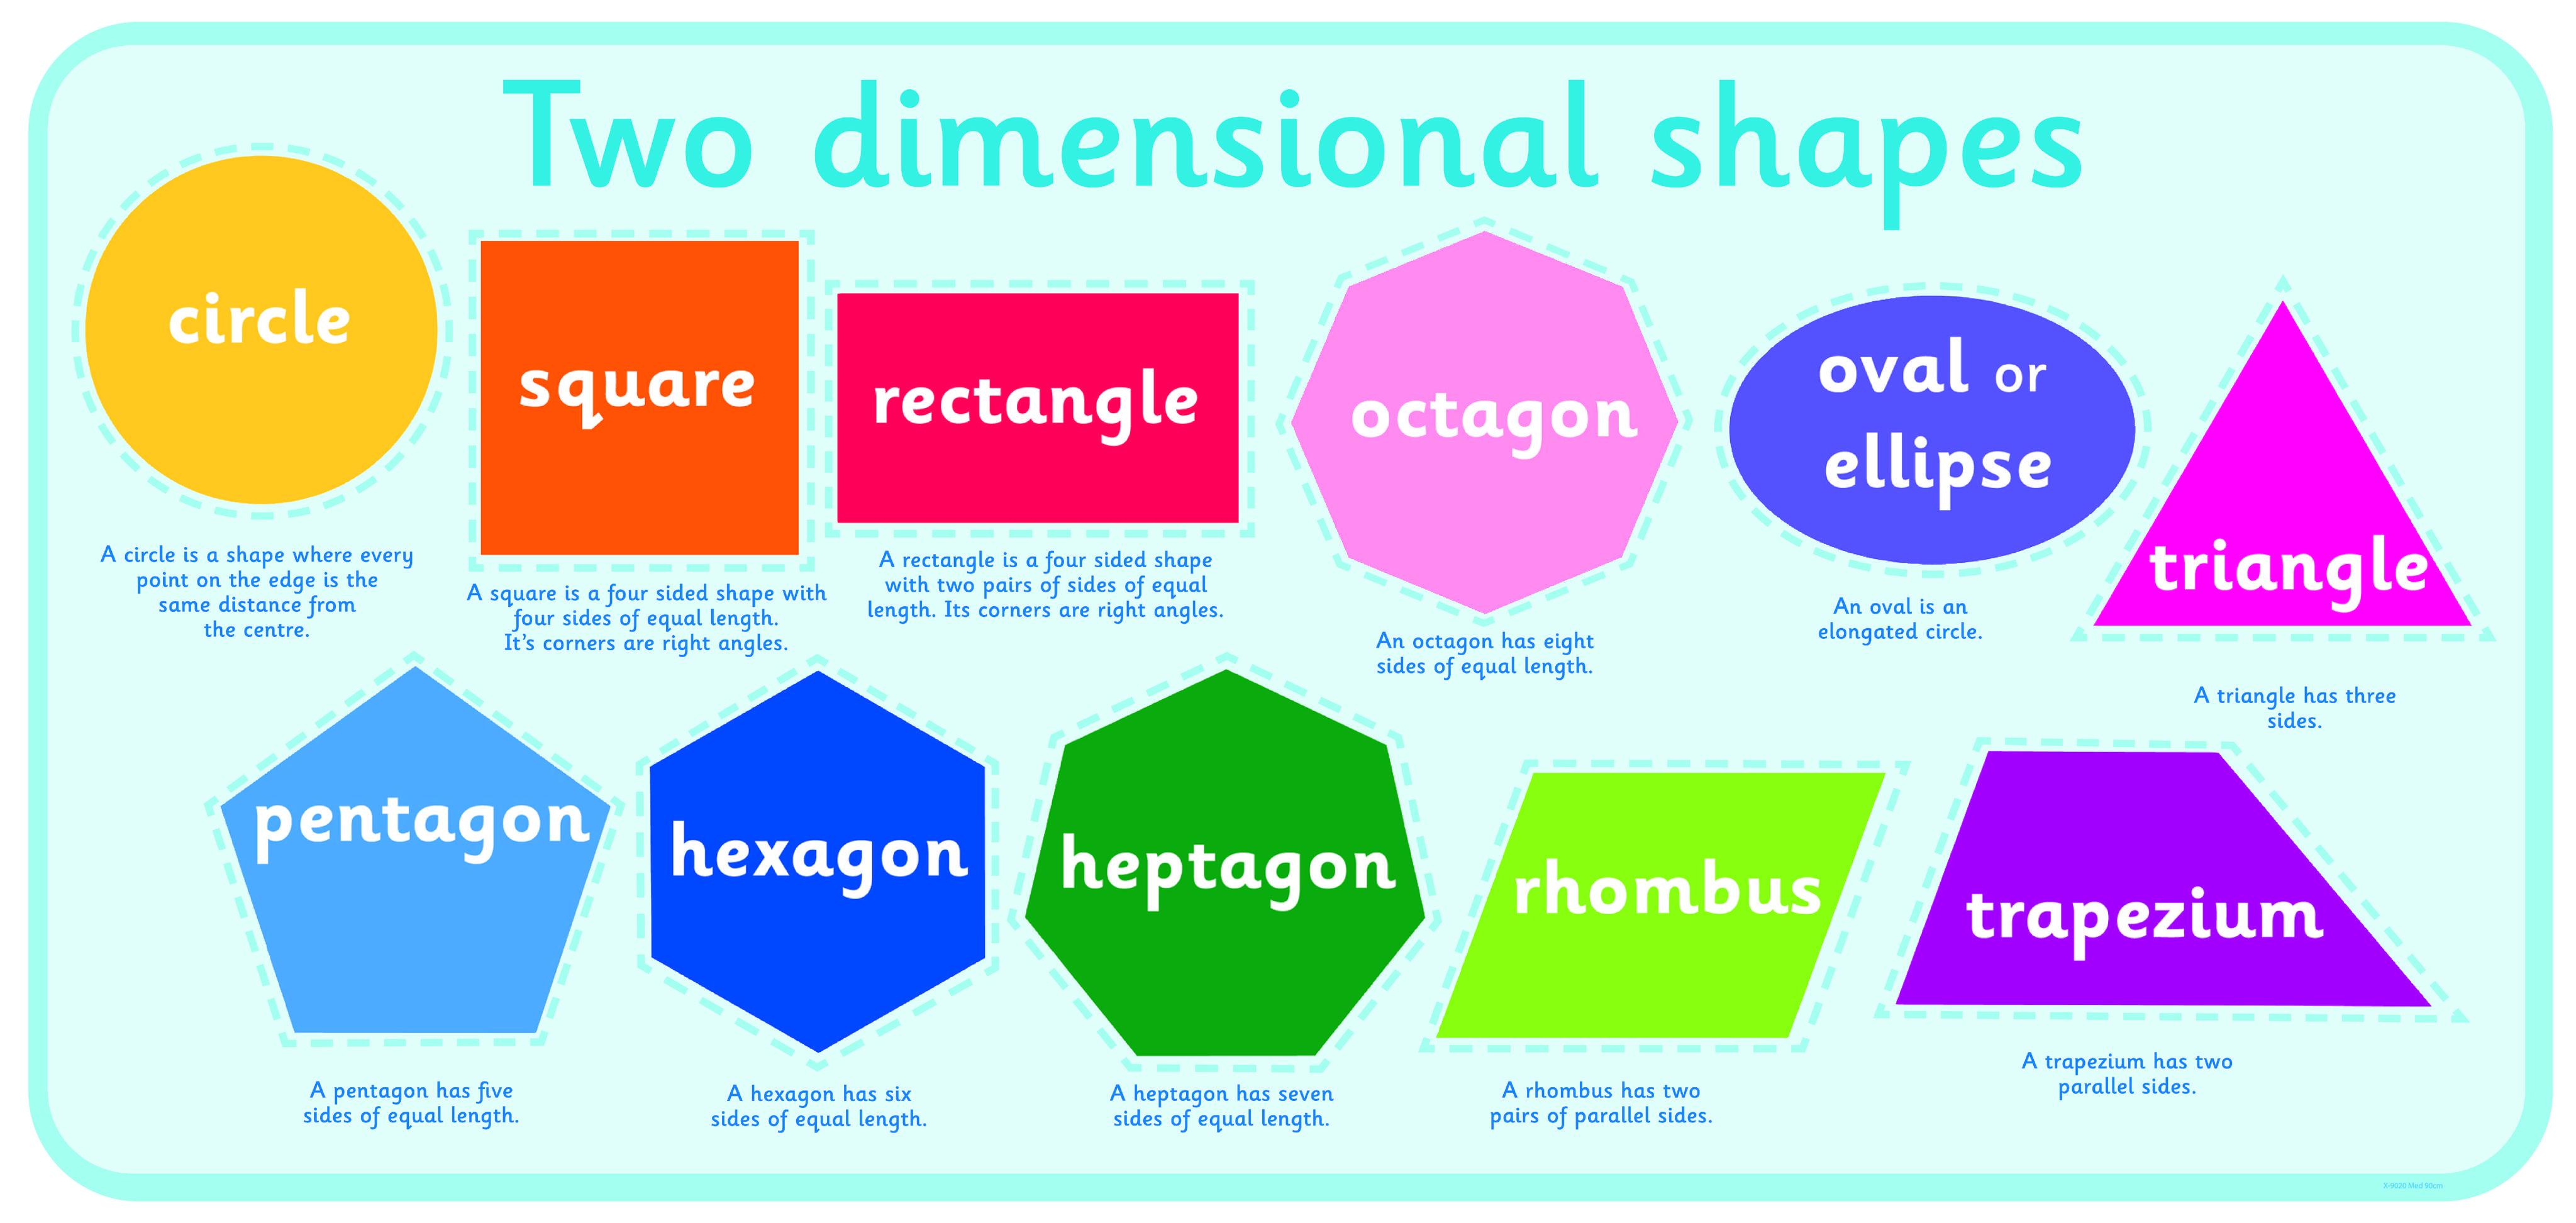 9c64623c4a Shapes